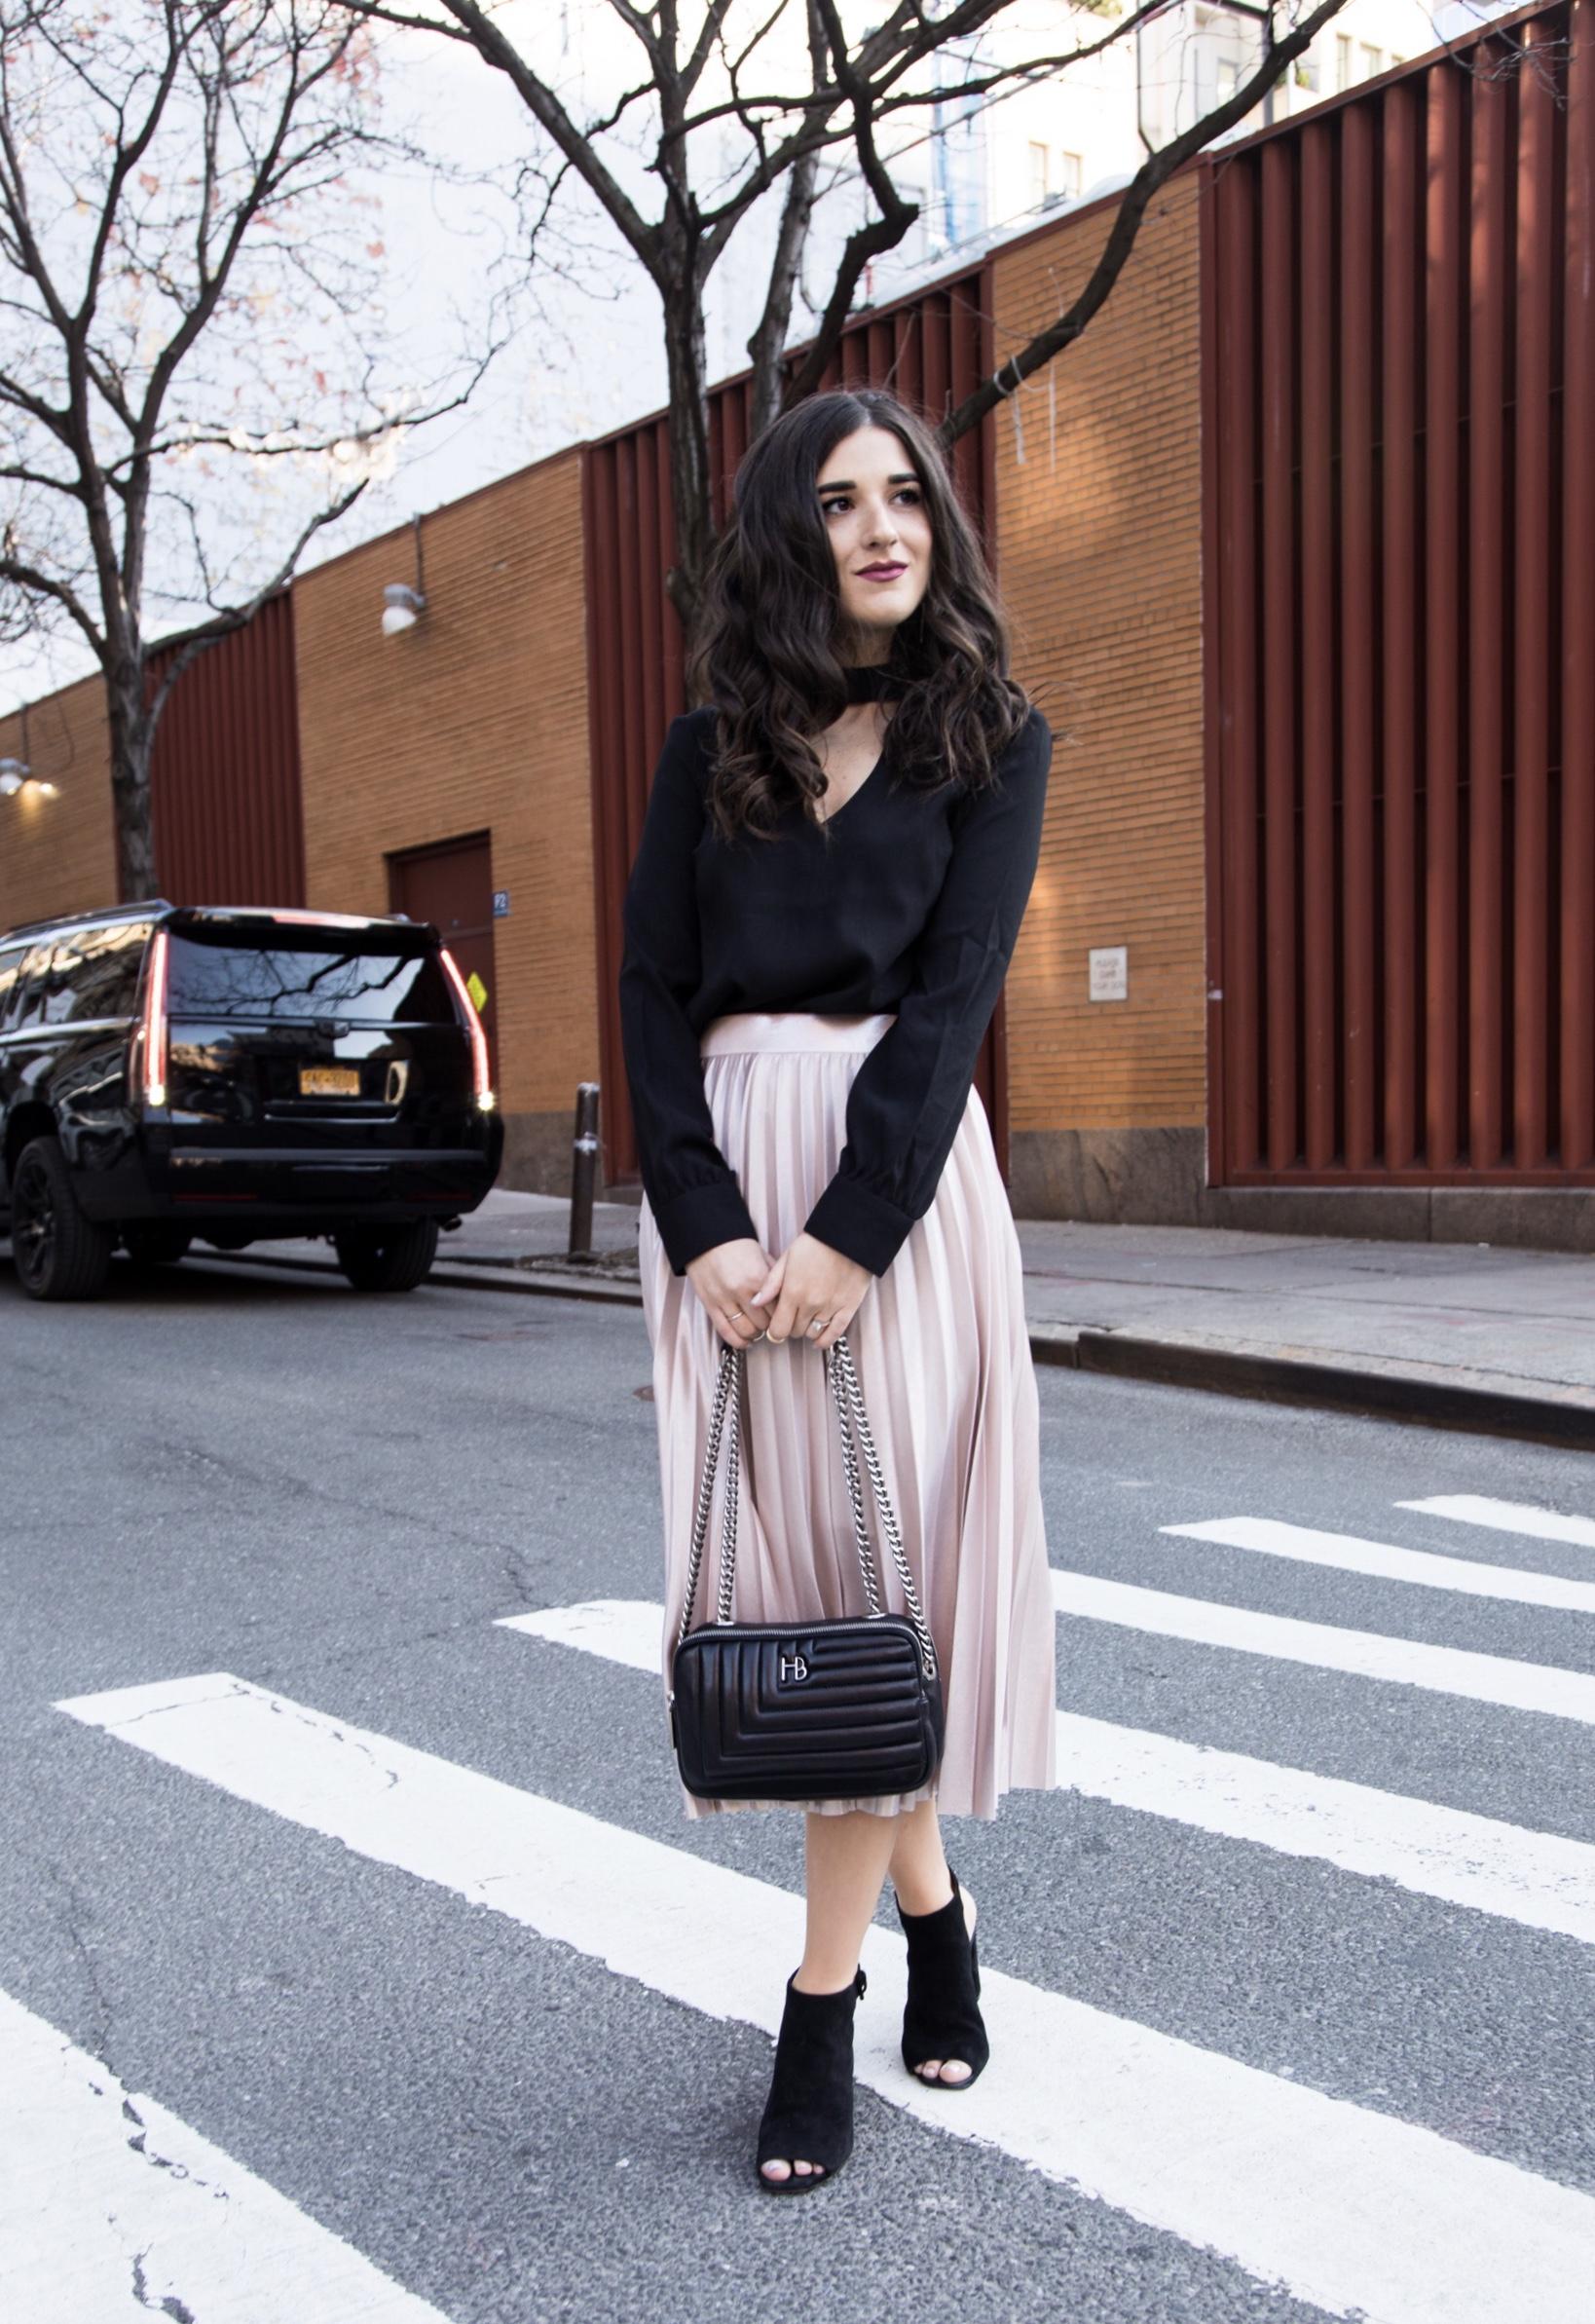 35b920d56 Midi Skirt And Top Outfit | Saddha